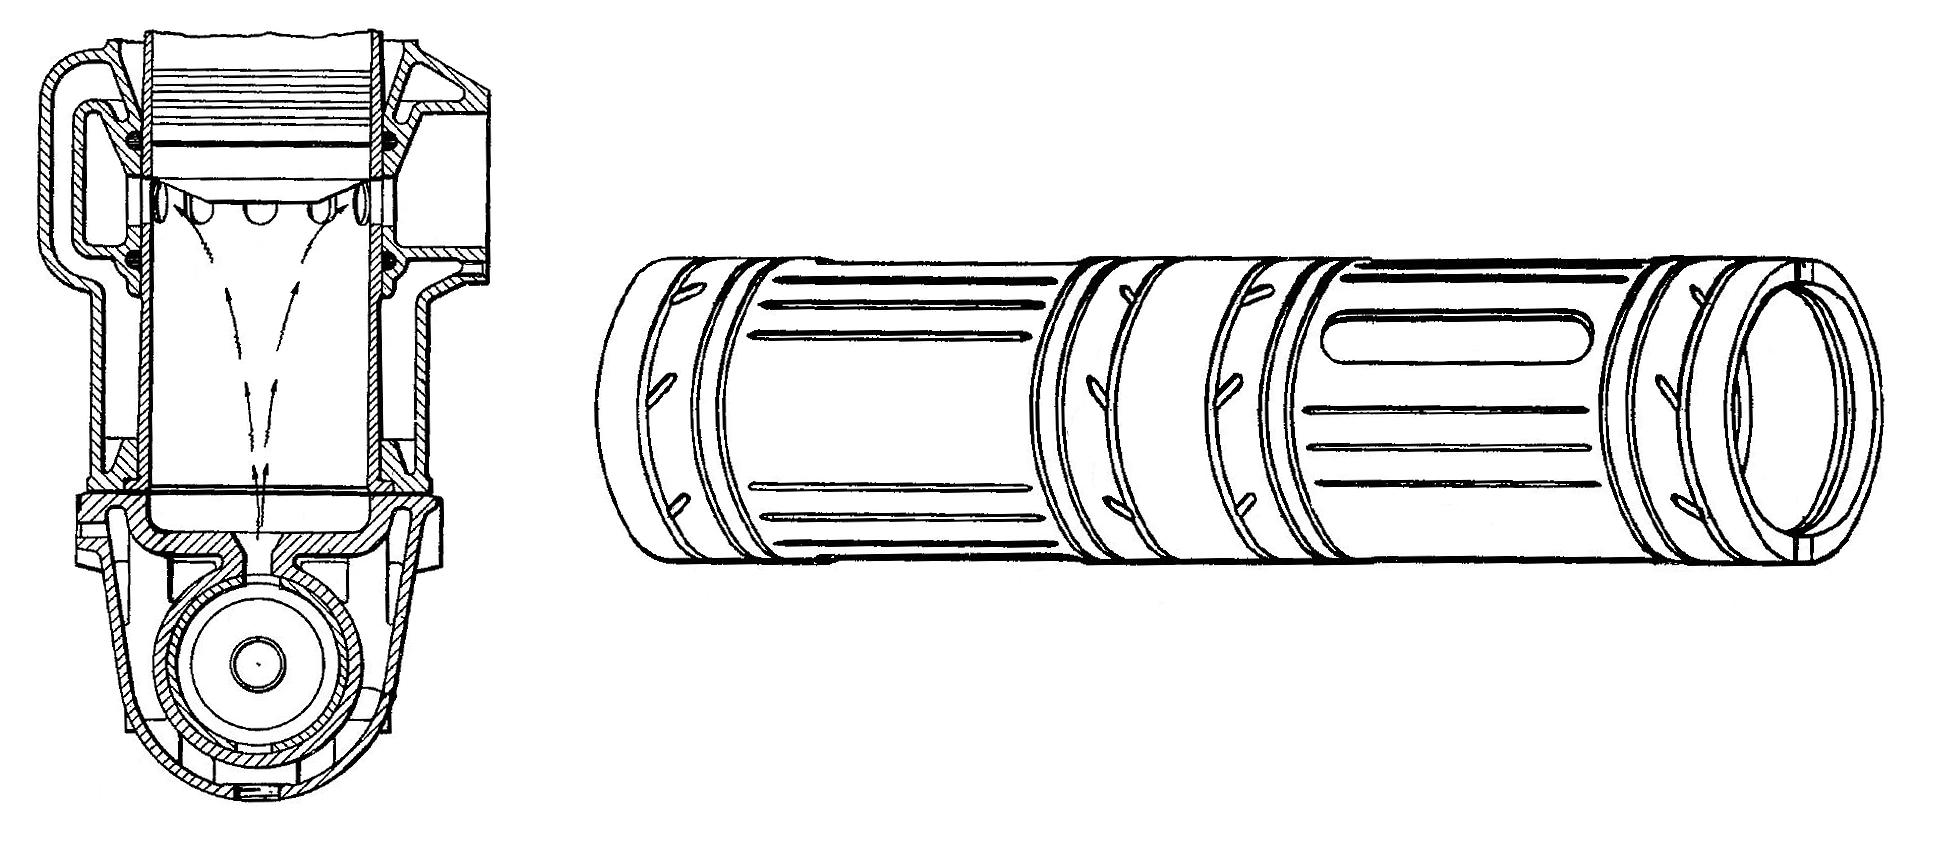 Deschamps Vsel Aircraft Engine